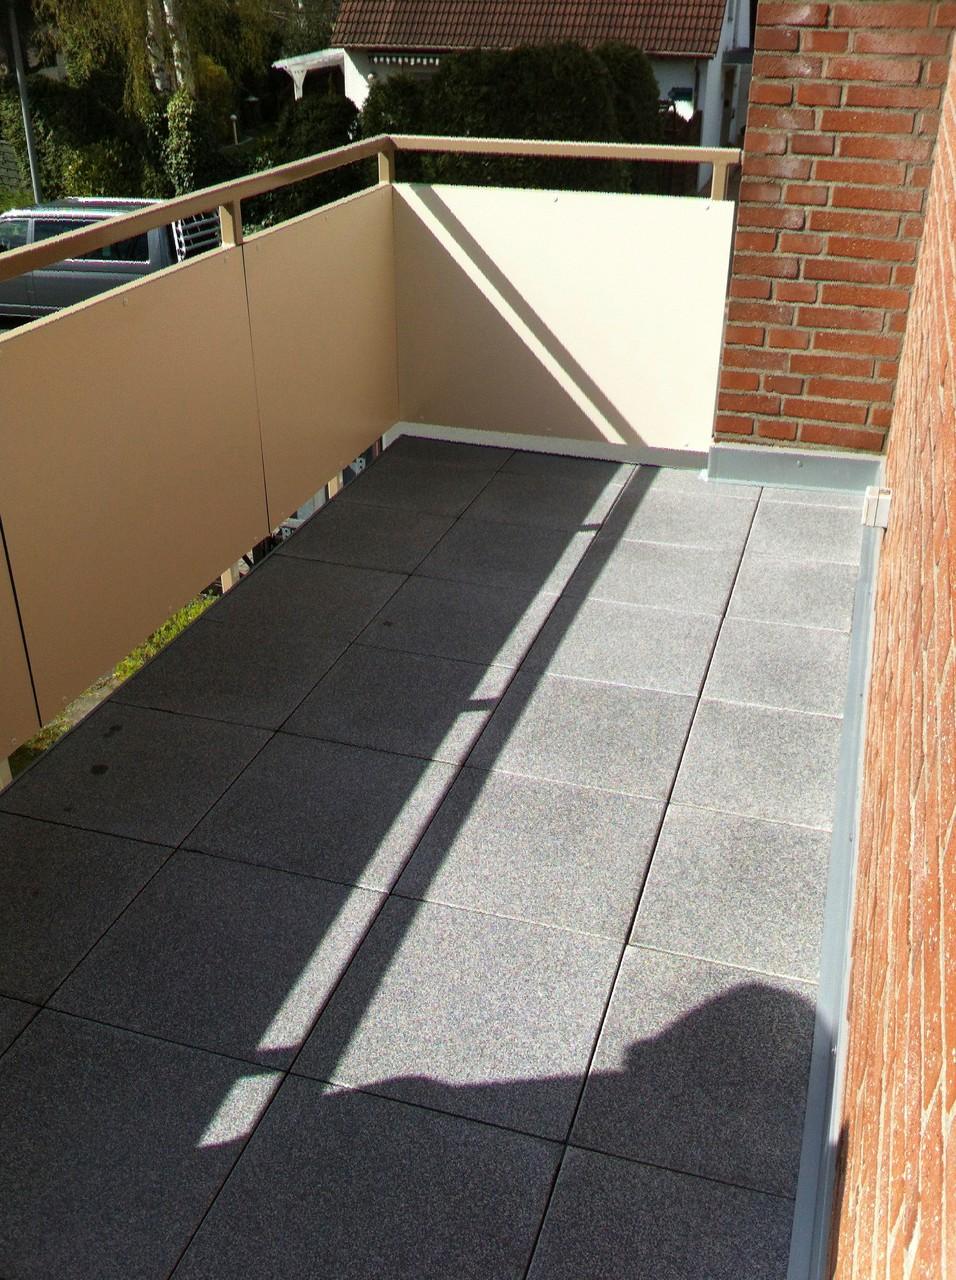 Betonwerkstein, Geländer mit Füllung aus HPL, Trespa, Werzalith, Glas oder Kunststoffprofilen